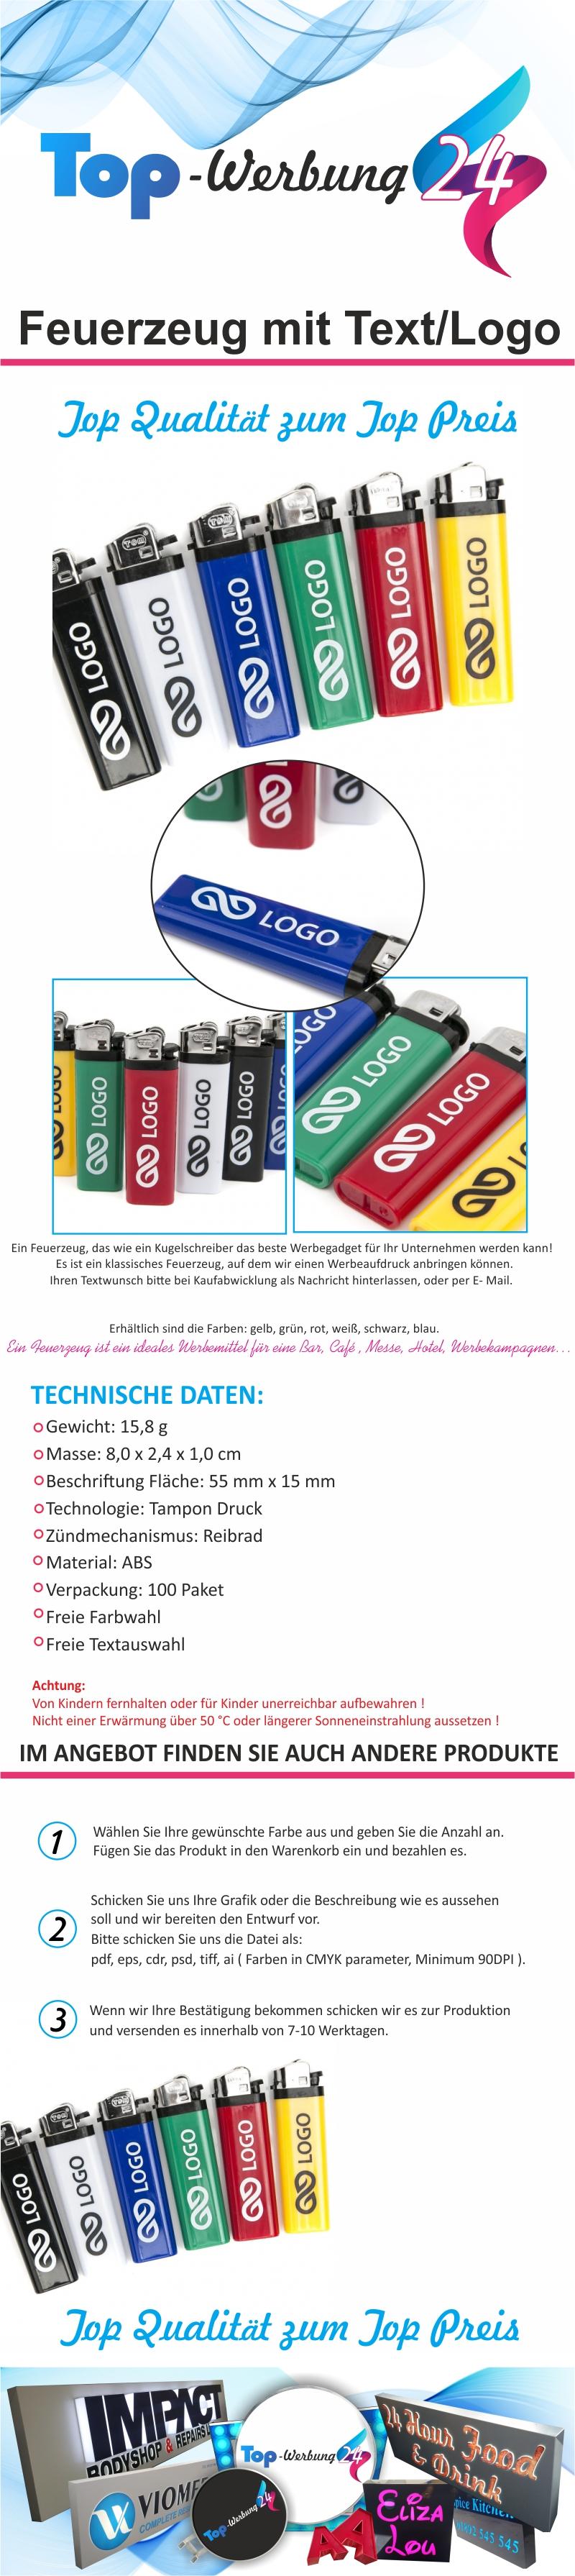 Federschlagpresse 1000 Ösen V2a 10mm Nach Din 7332 F Werbebanner Festsetzung Der Preise Nach ProduktqualitäT Ösenpresse